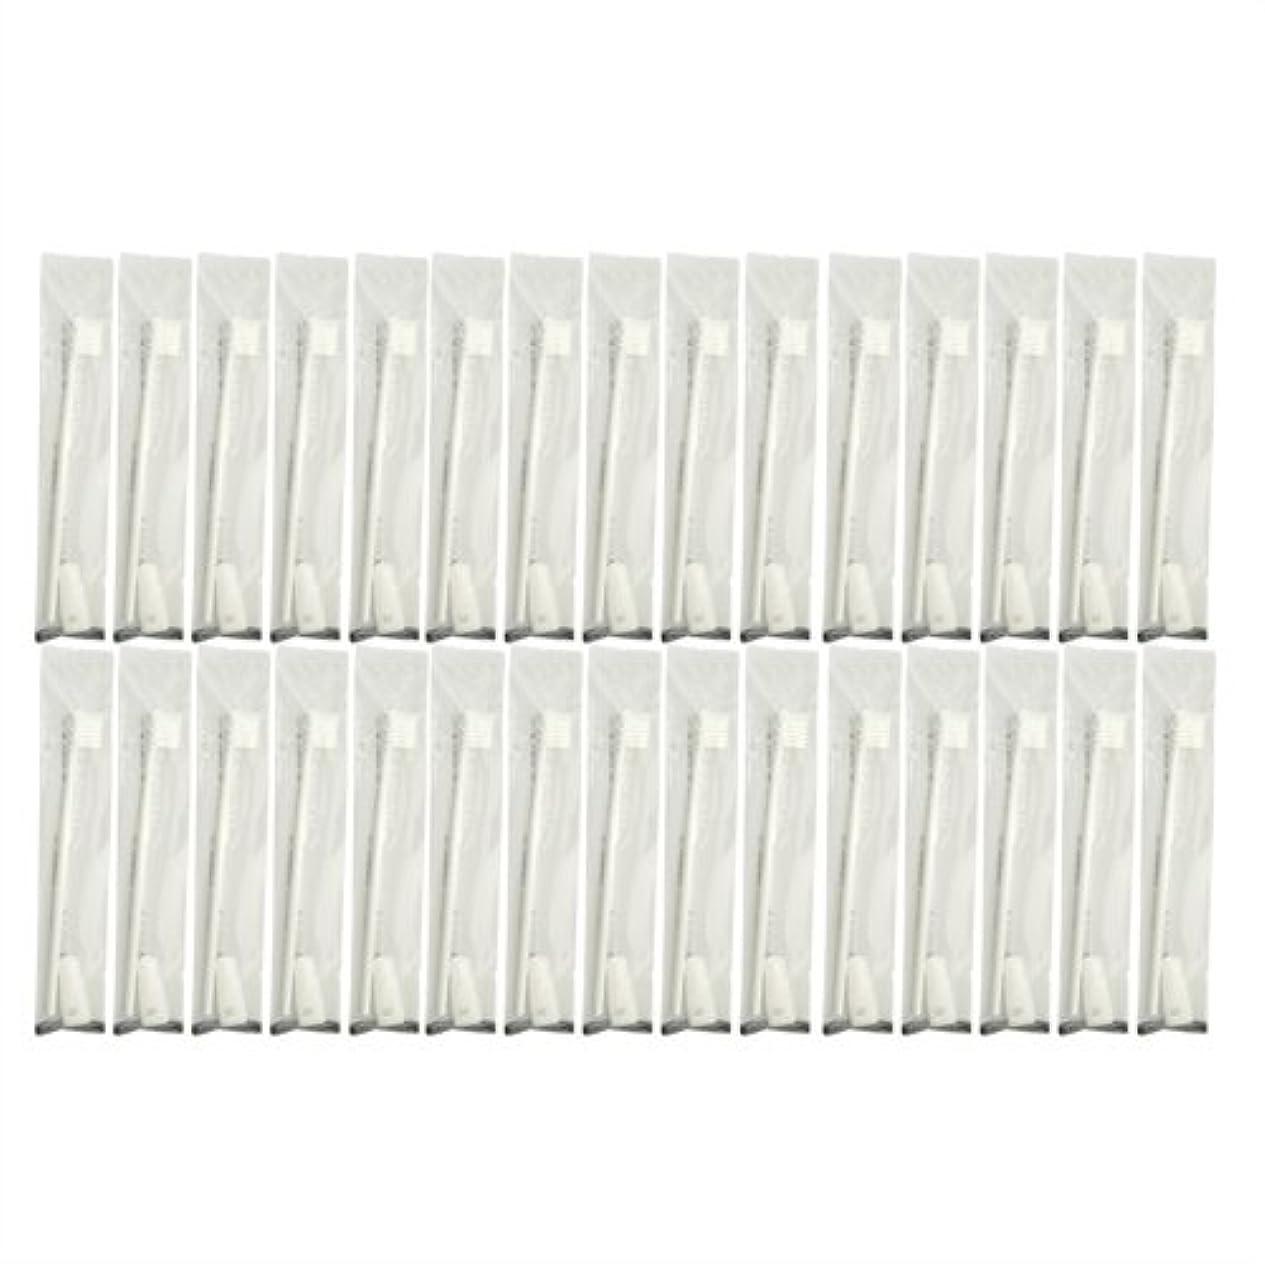 業務用 使い捨て歯ブラシ チューブ歯磨き粉(3g)付き ホワイト 30本セット│ホテルアメニティ 個包装タイプ